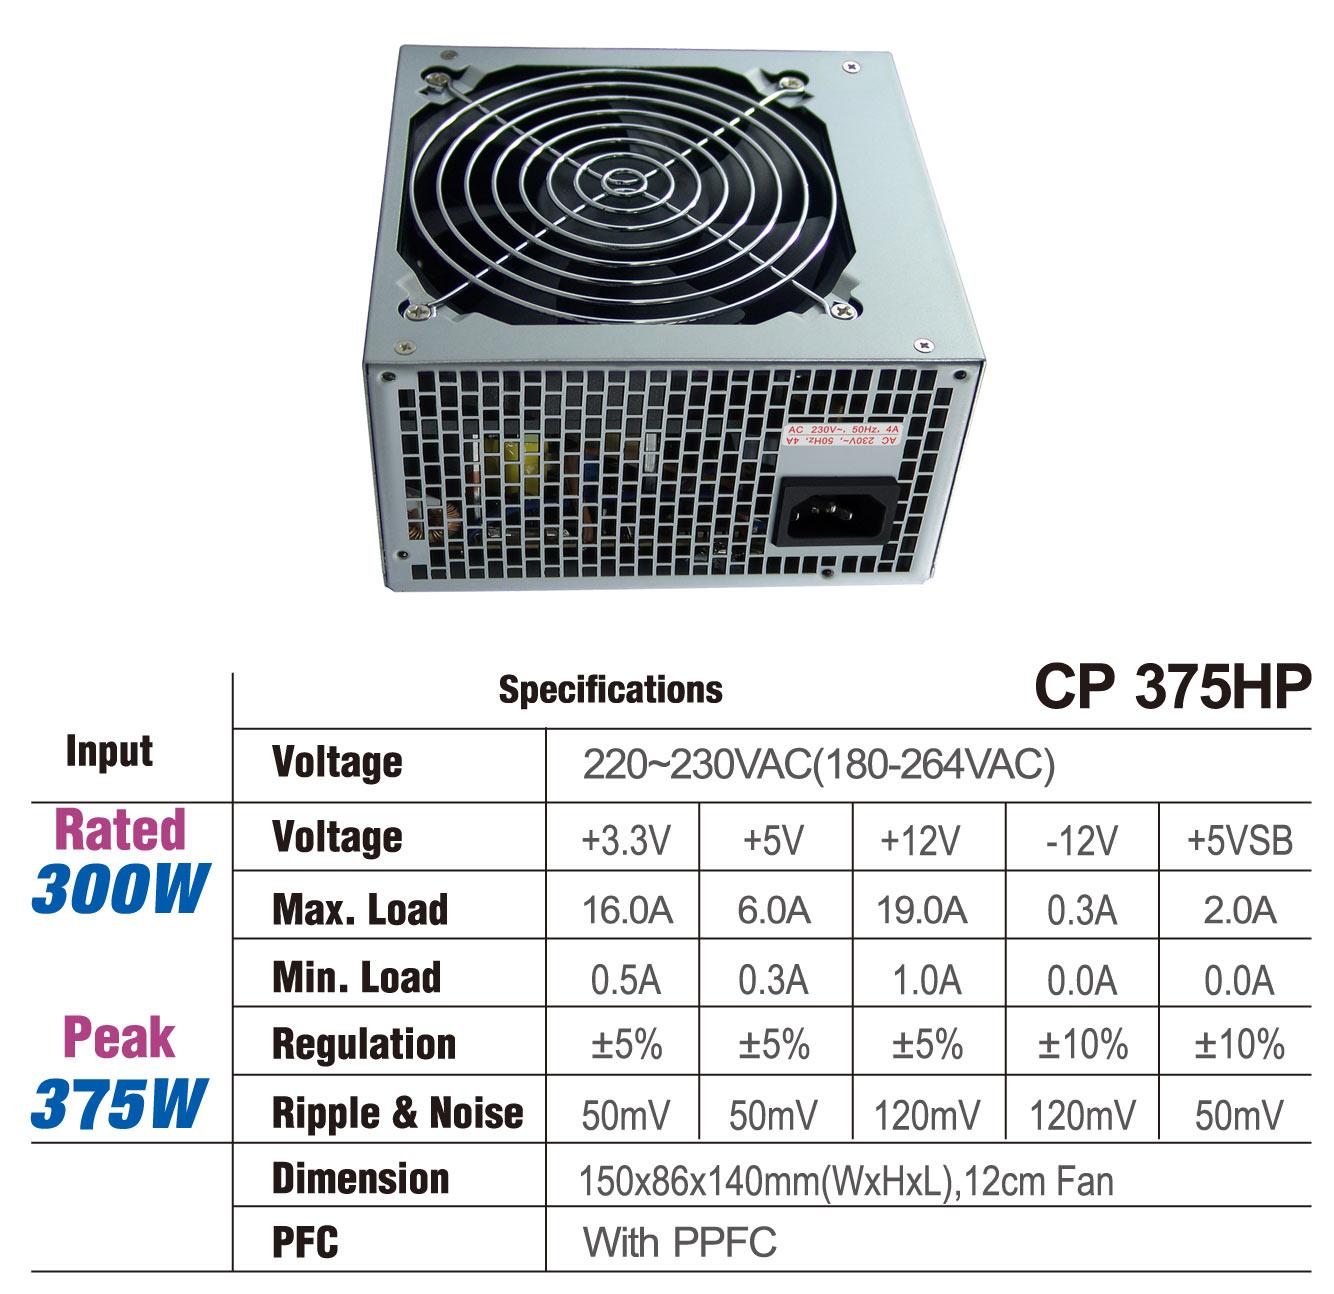 11-47 CP 375HP